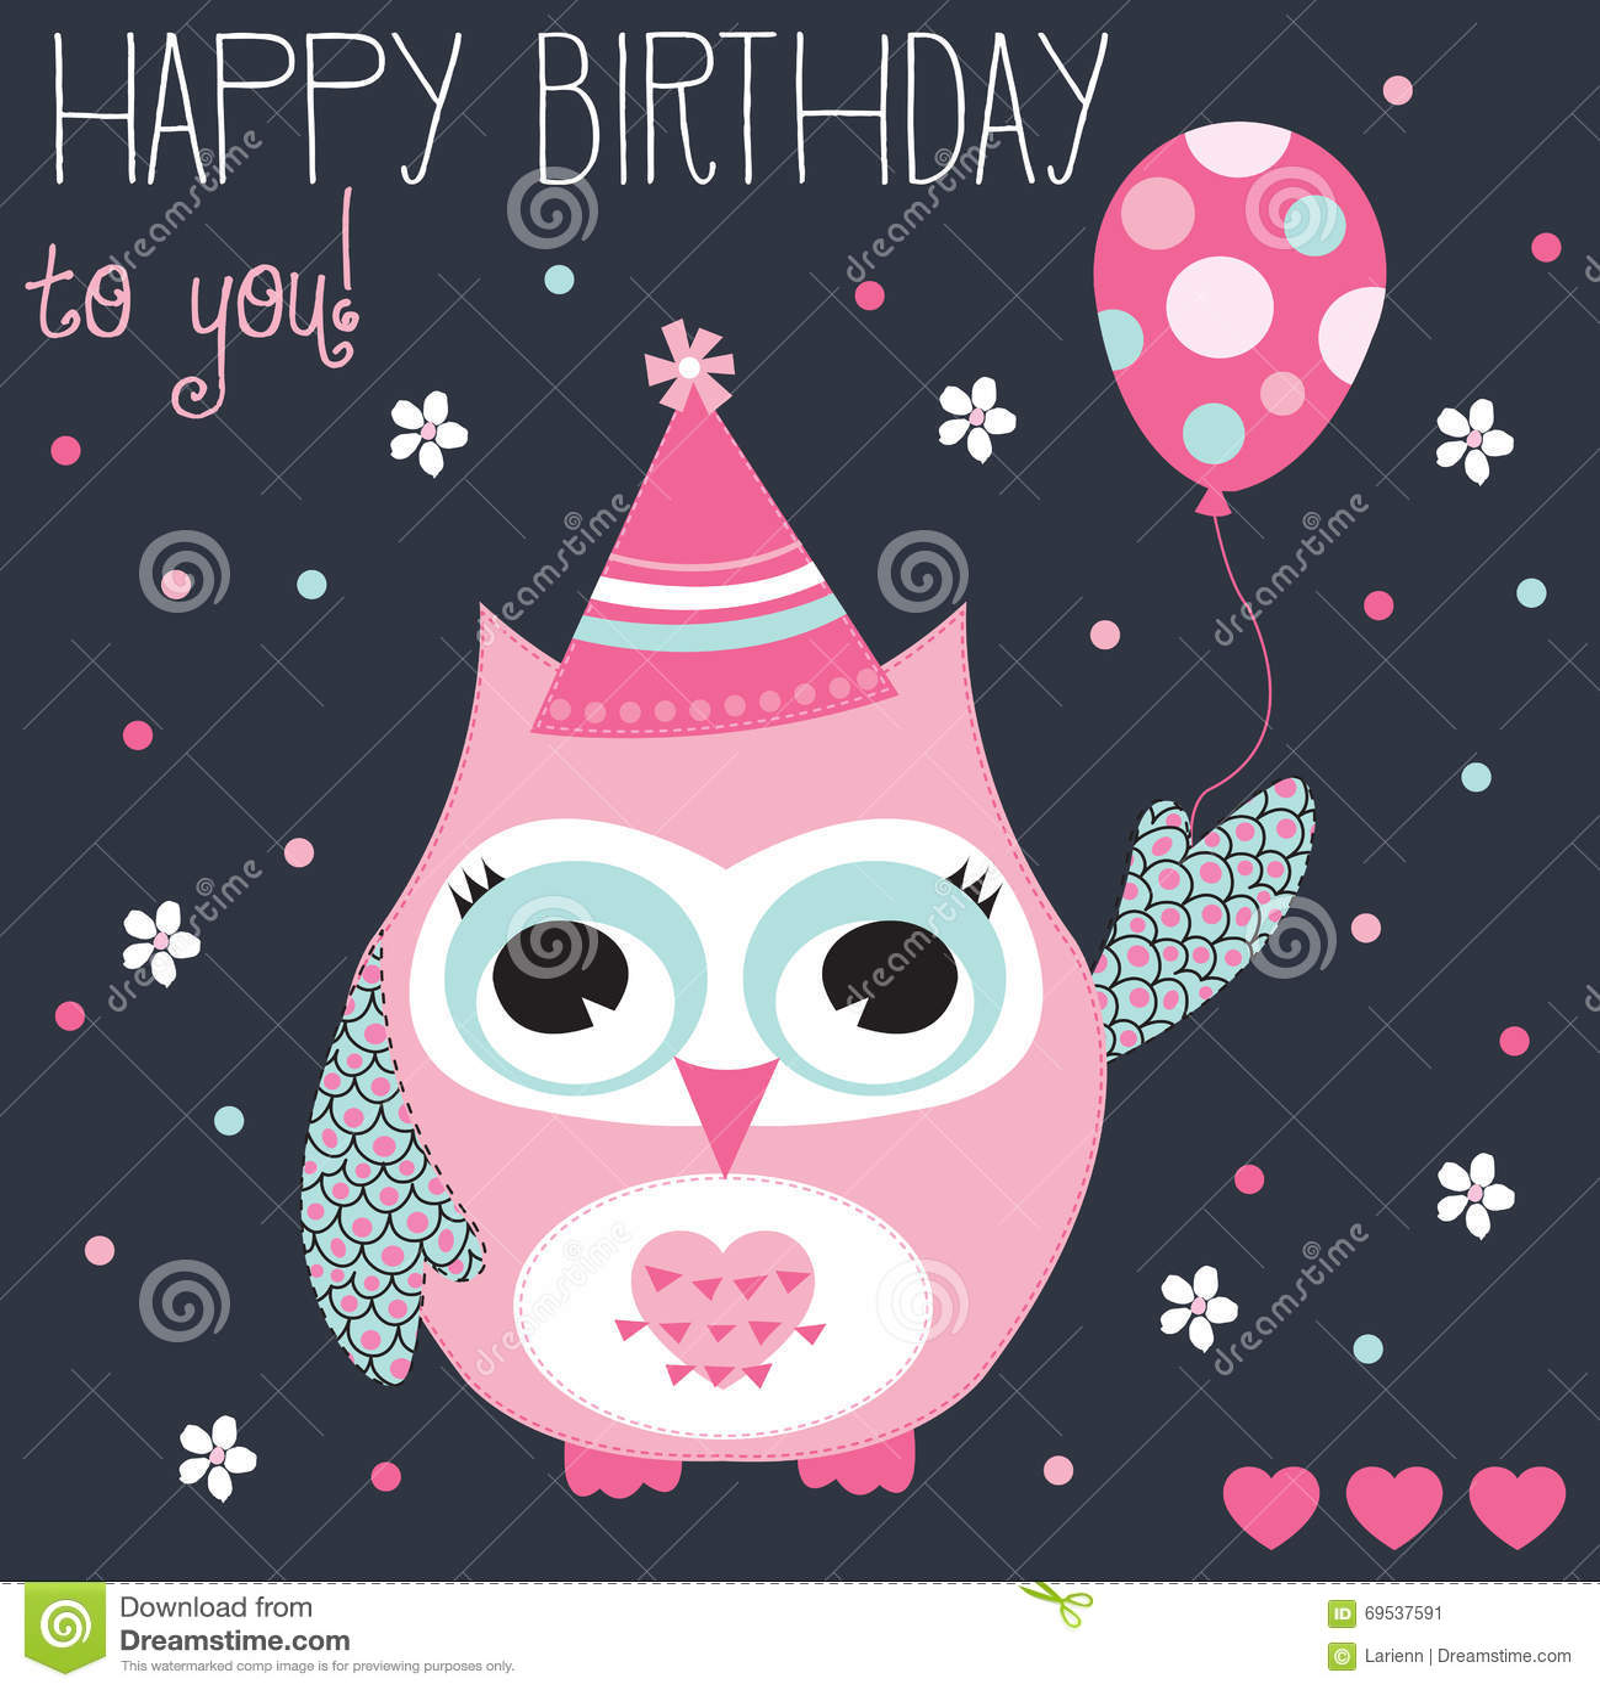 happy birthday owl images Happy Birthday Owl Vector Illustration Stock Vector   Illustration  happy birthday owl images